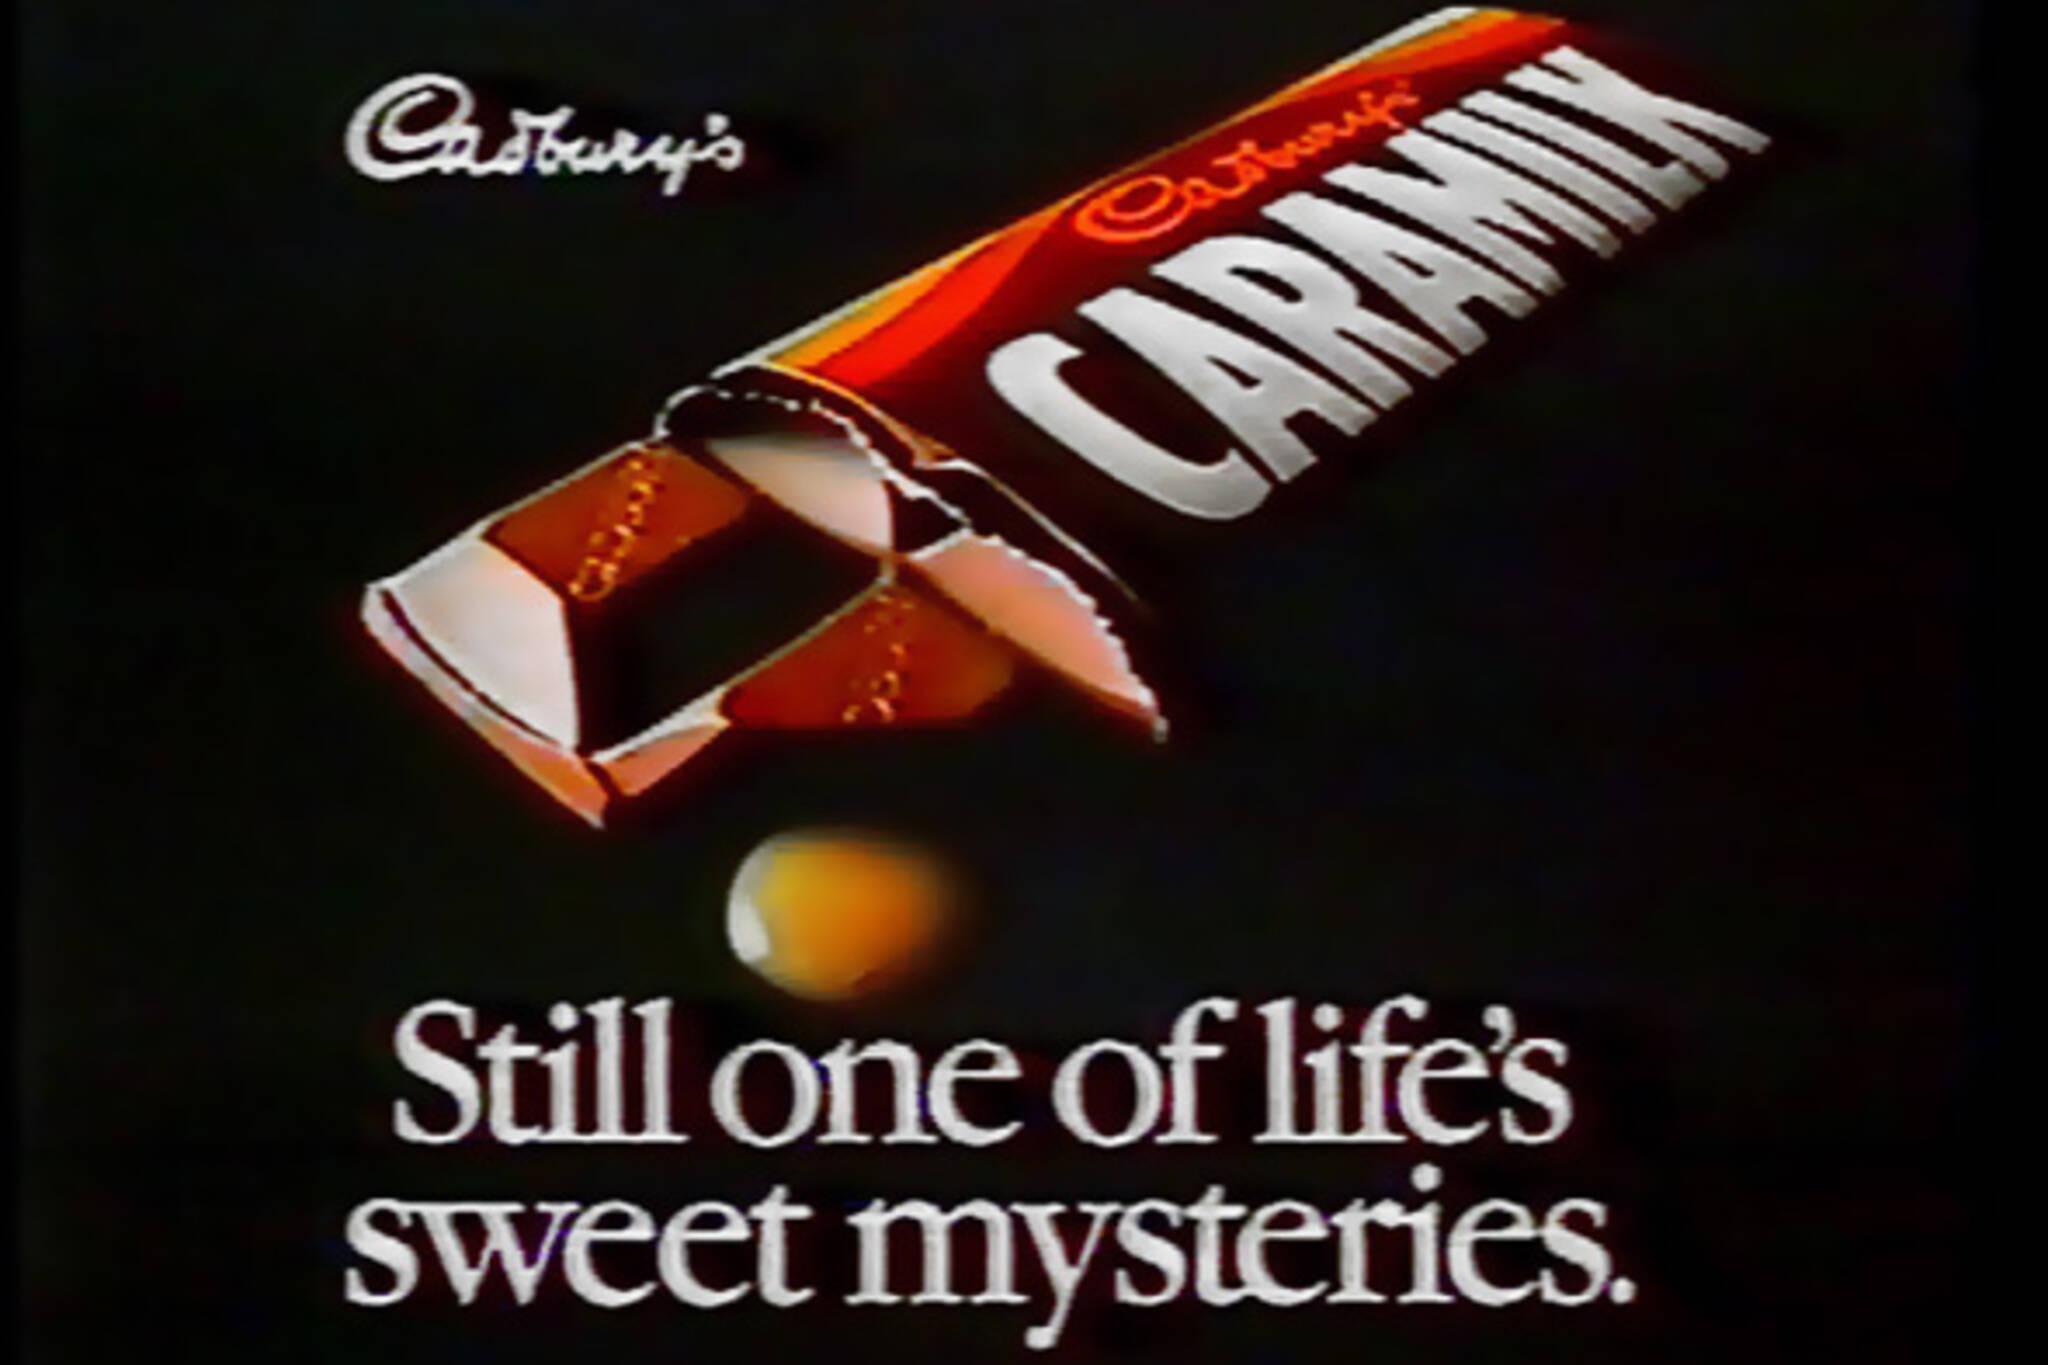 Cadbury Ads Toronto